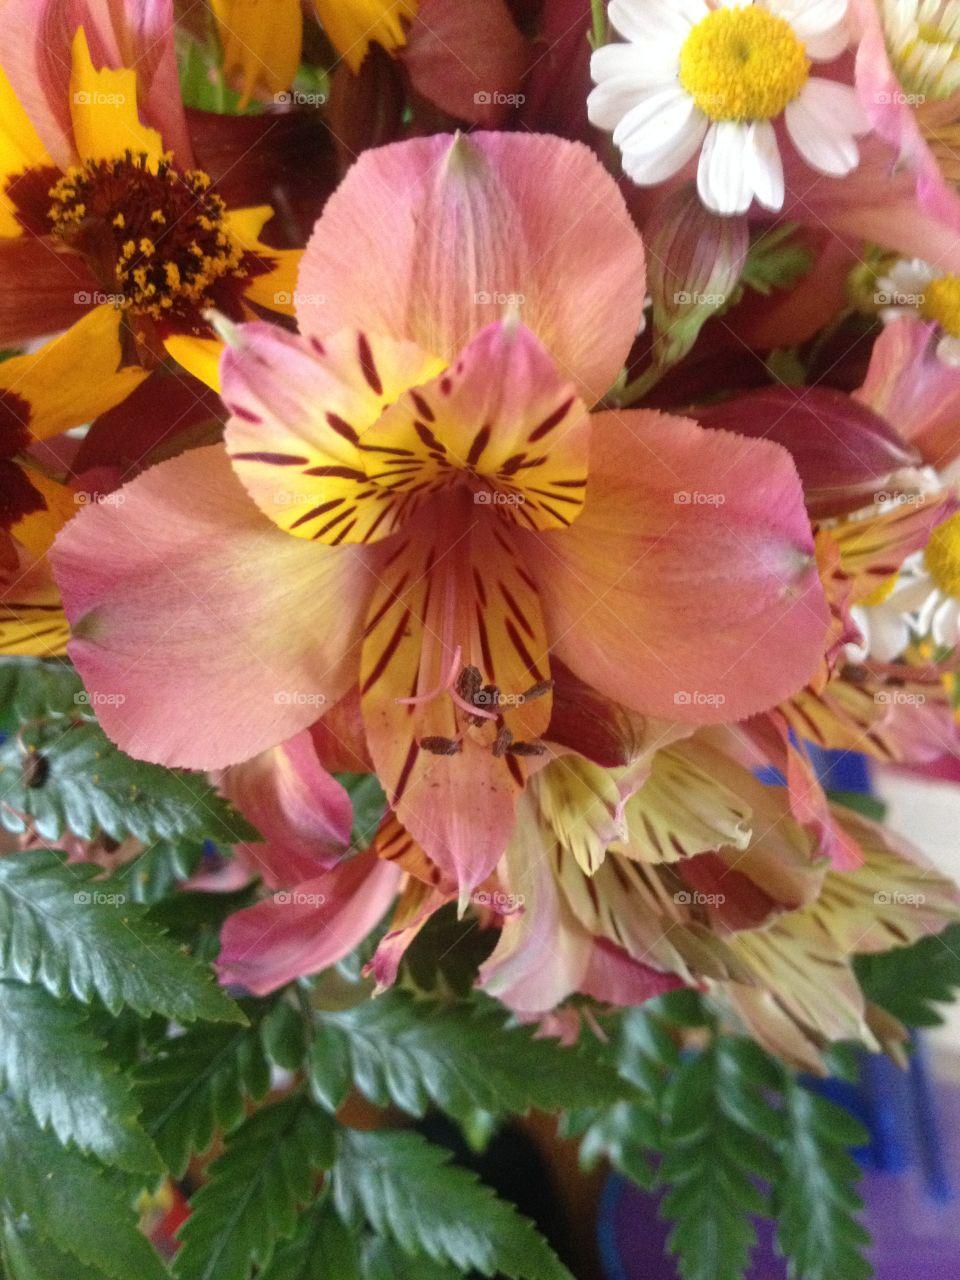 Friendship Flower. Friendship Flower